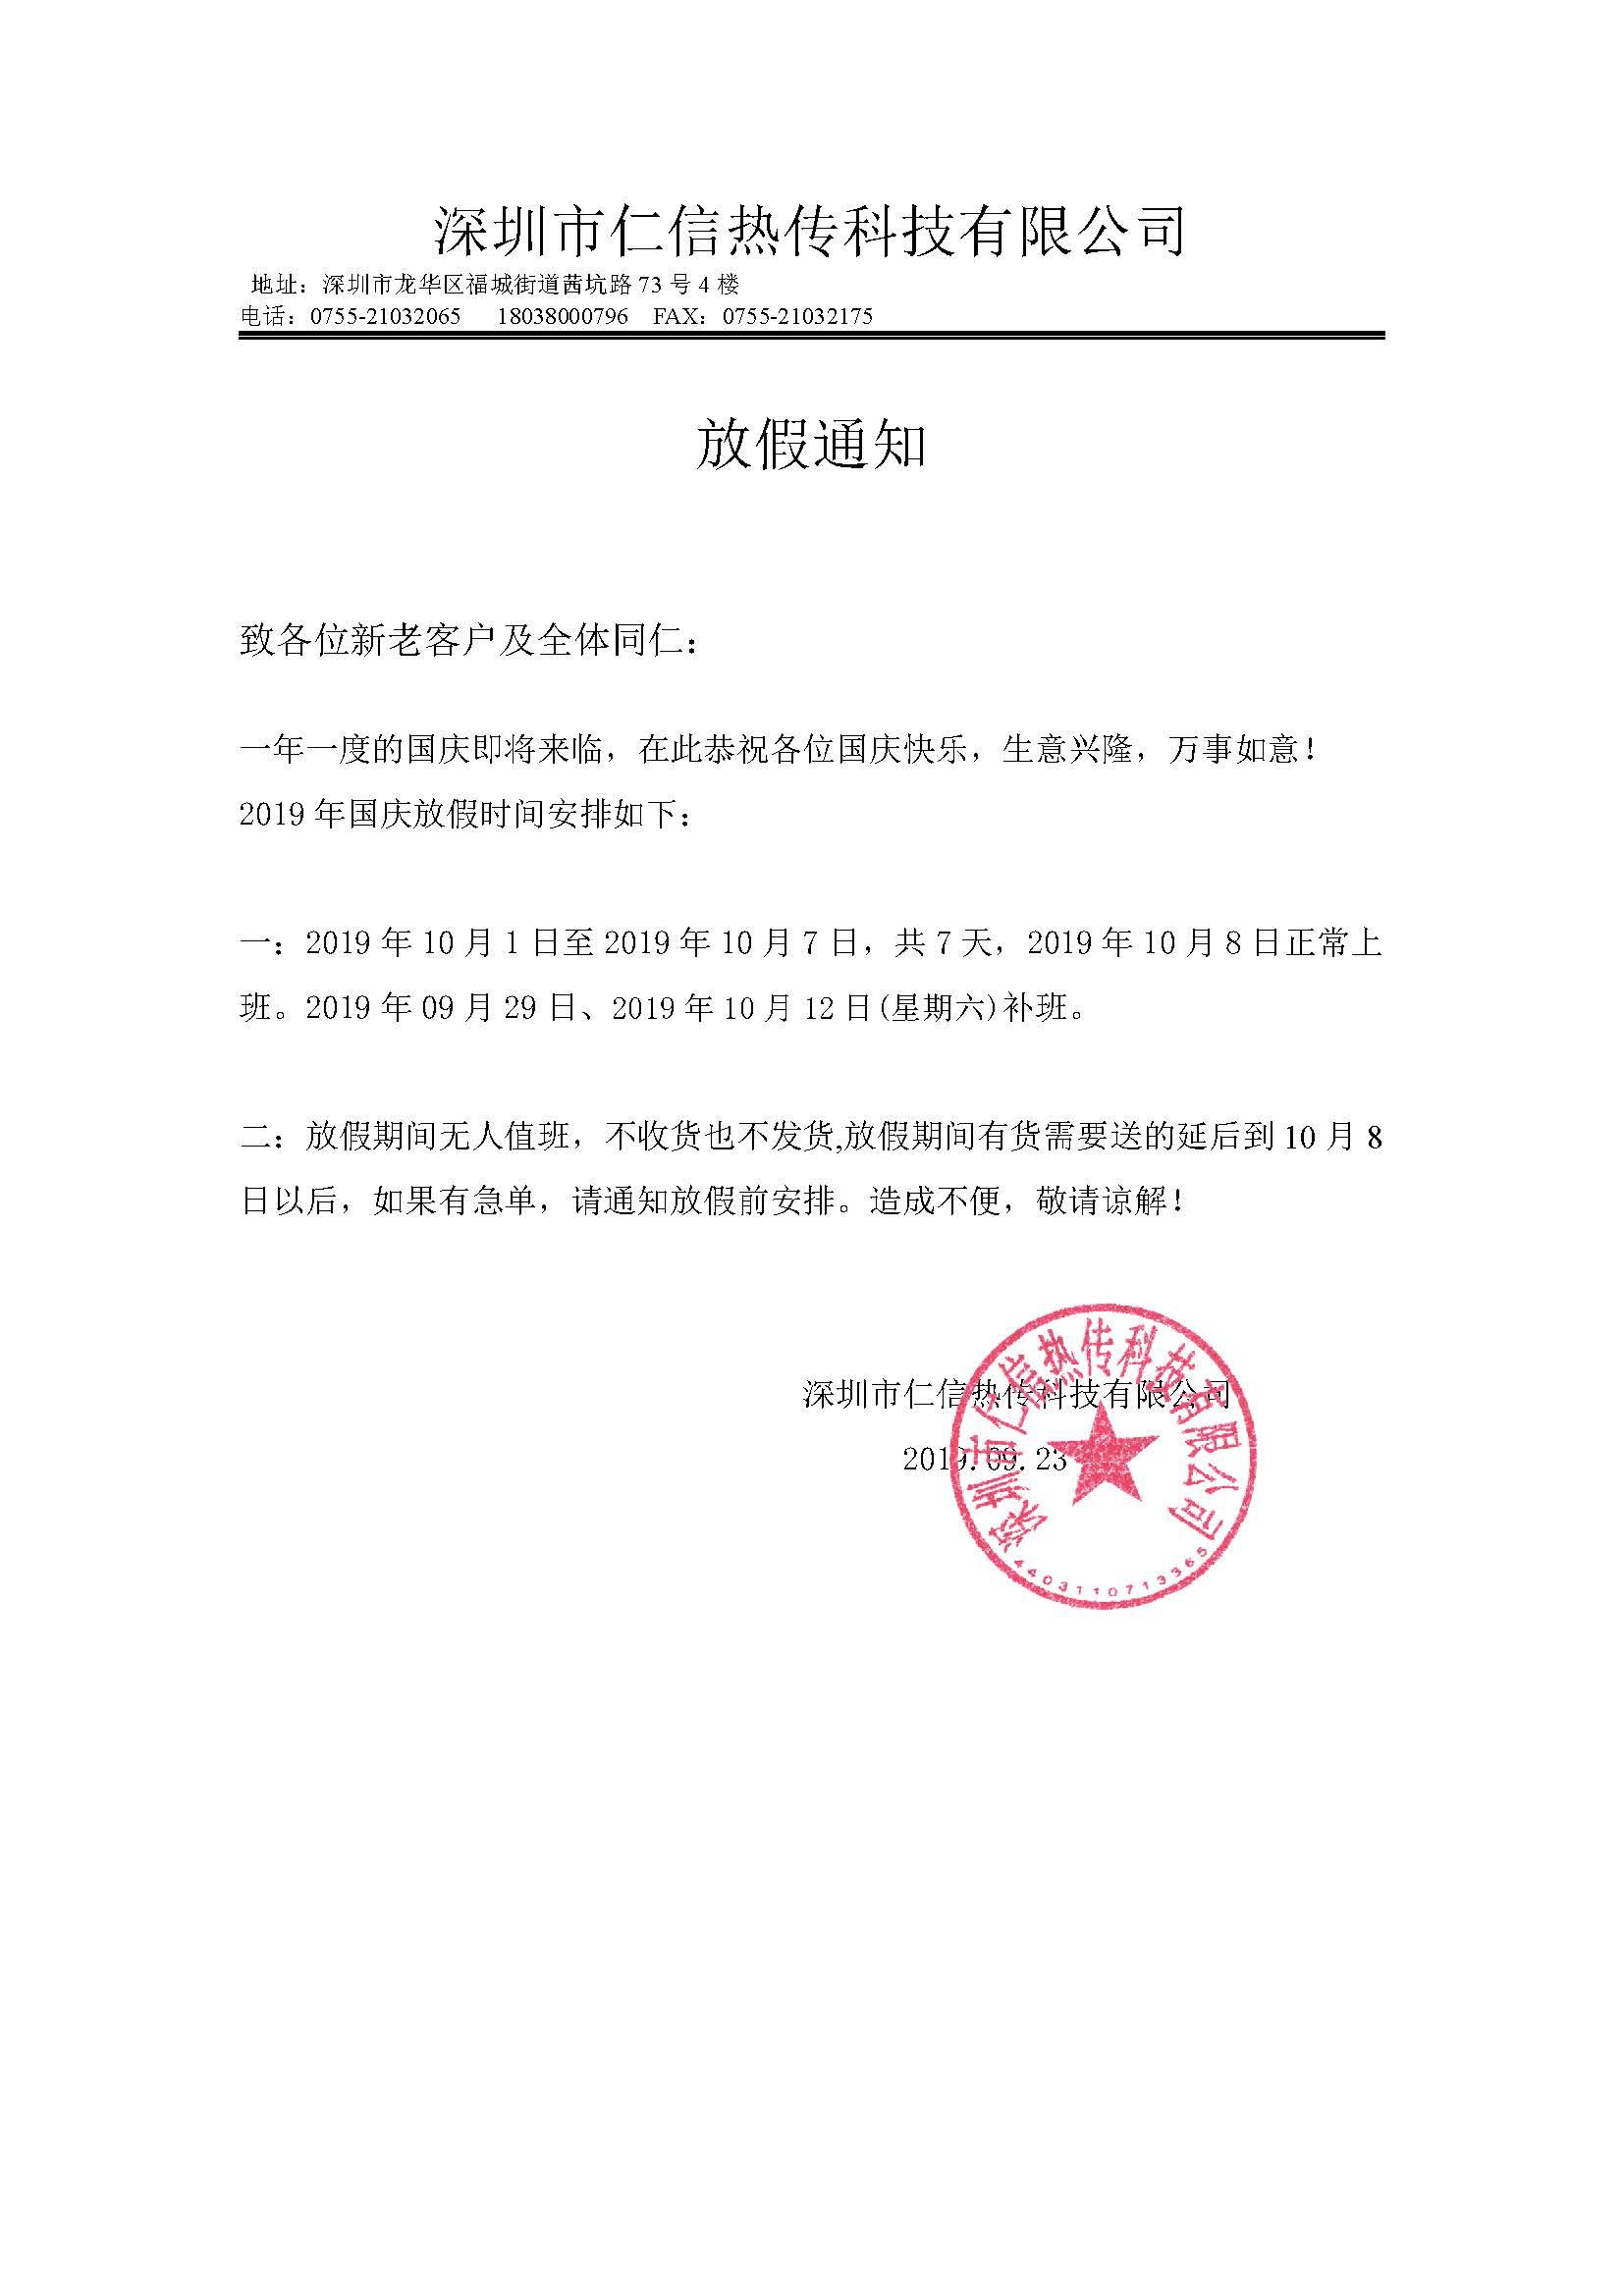 """2019年深圳市仁信热传科技有限公司""""国庆""""放假安排"""